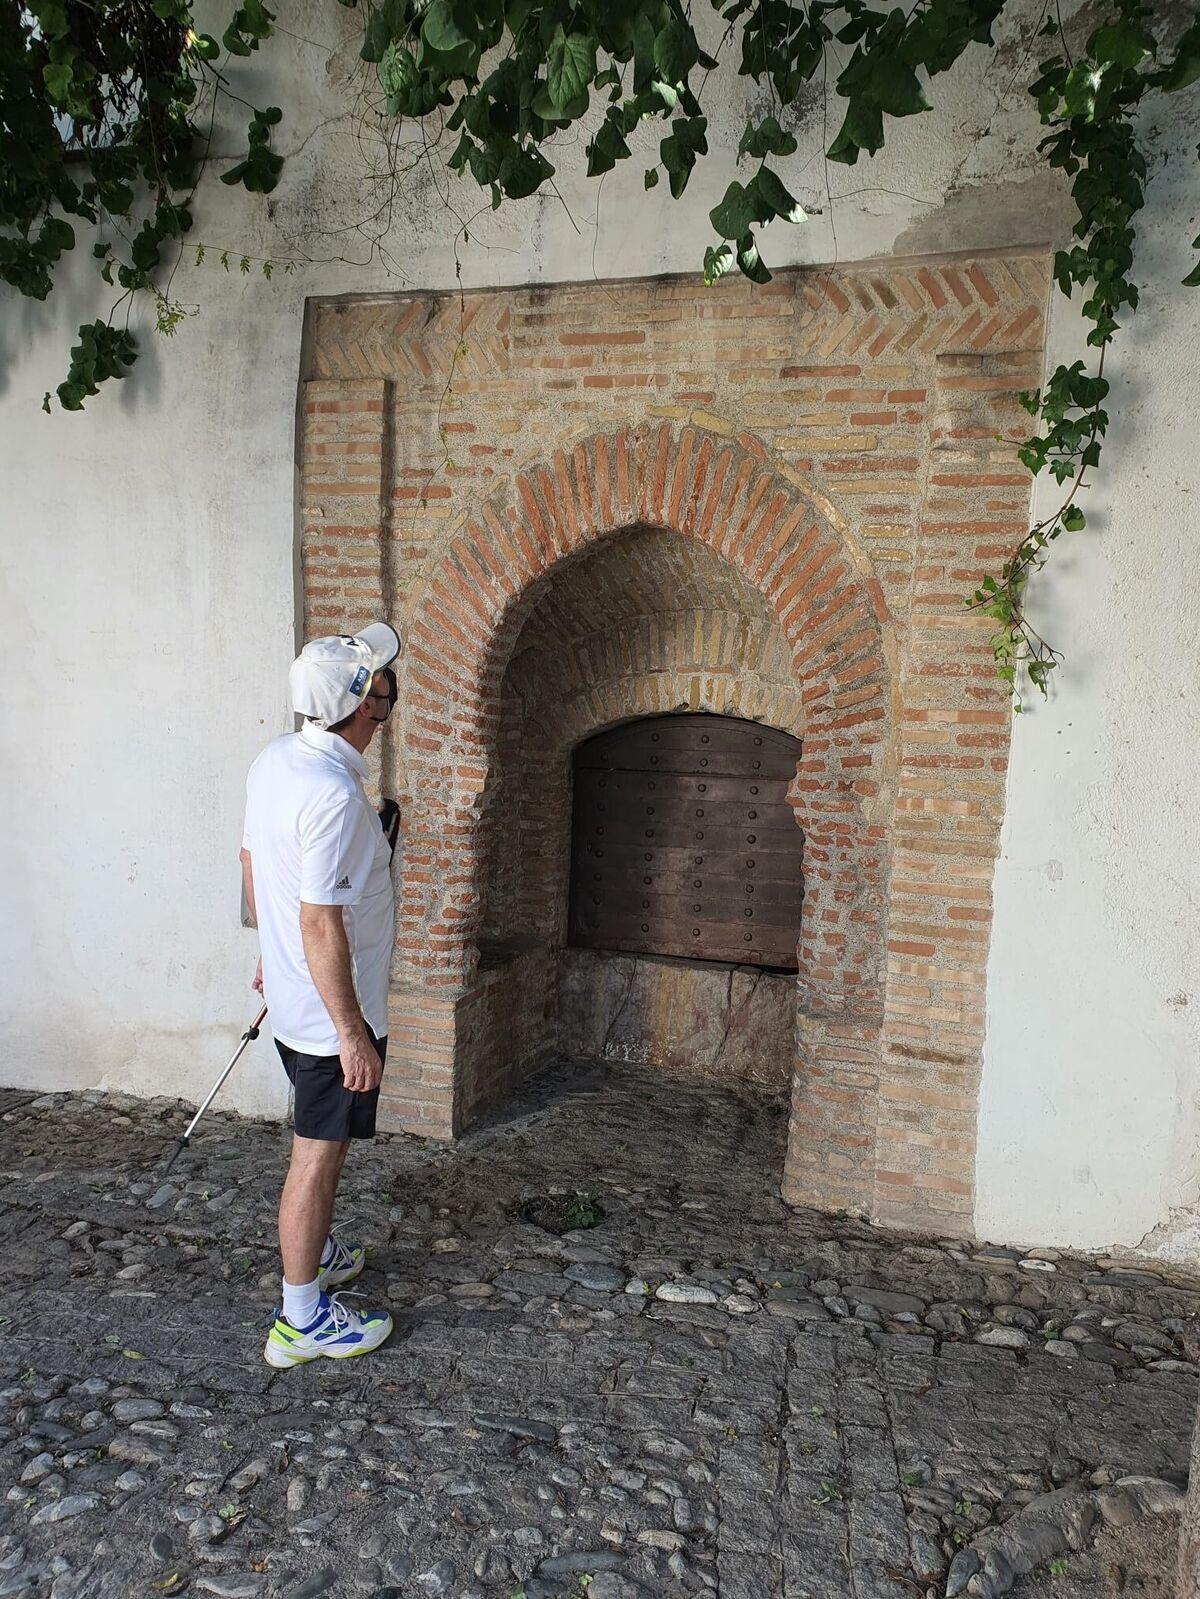 Un caminante observa el aljibe de La Vieja.